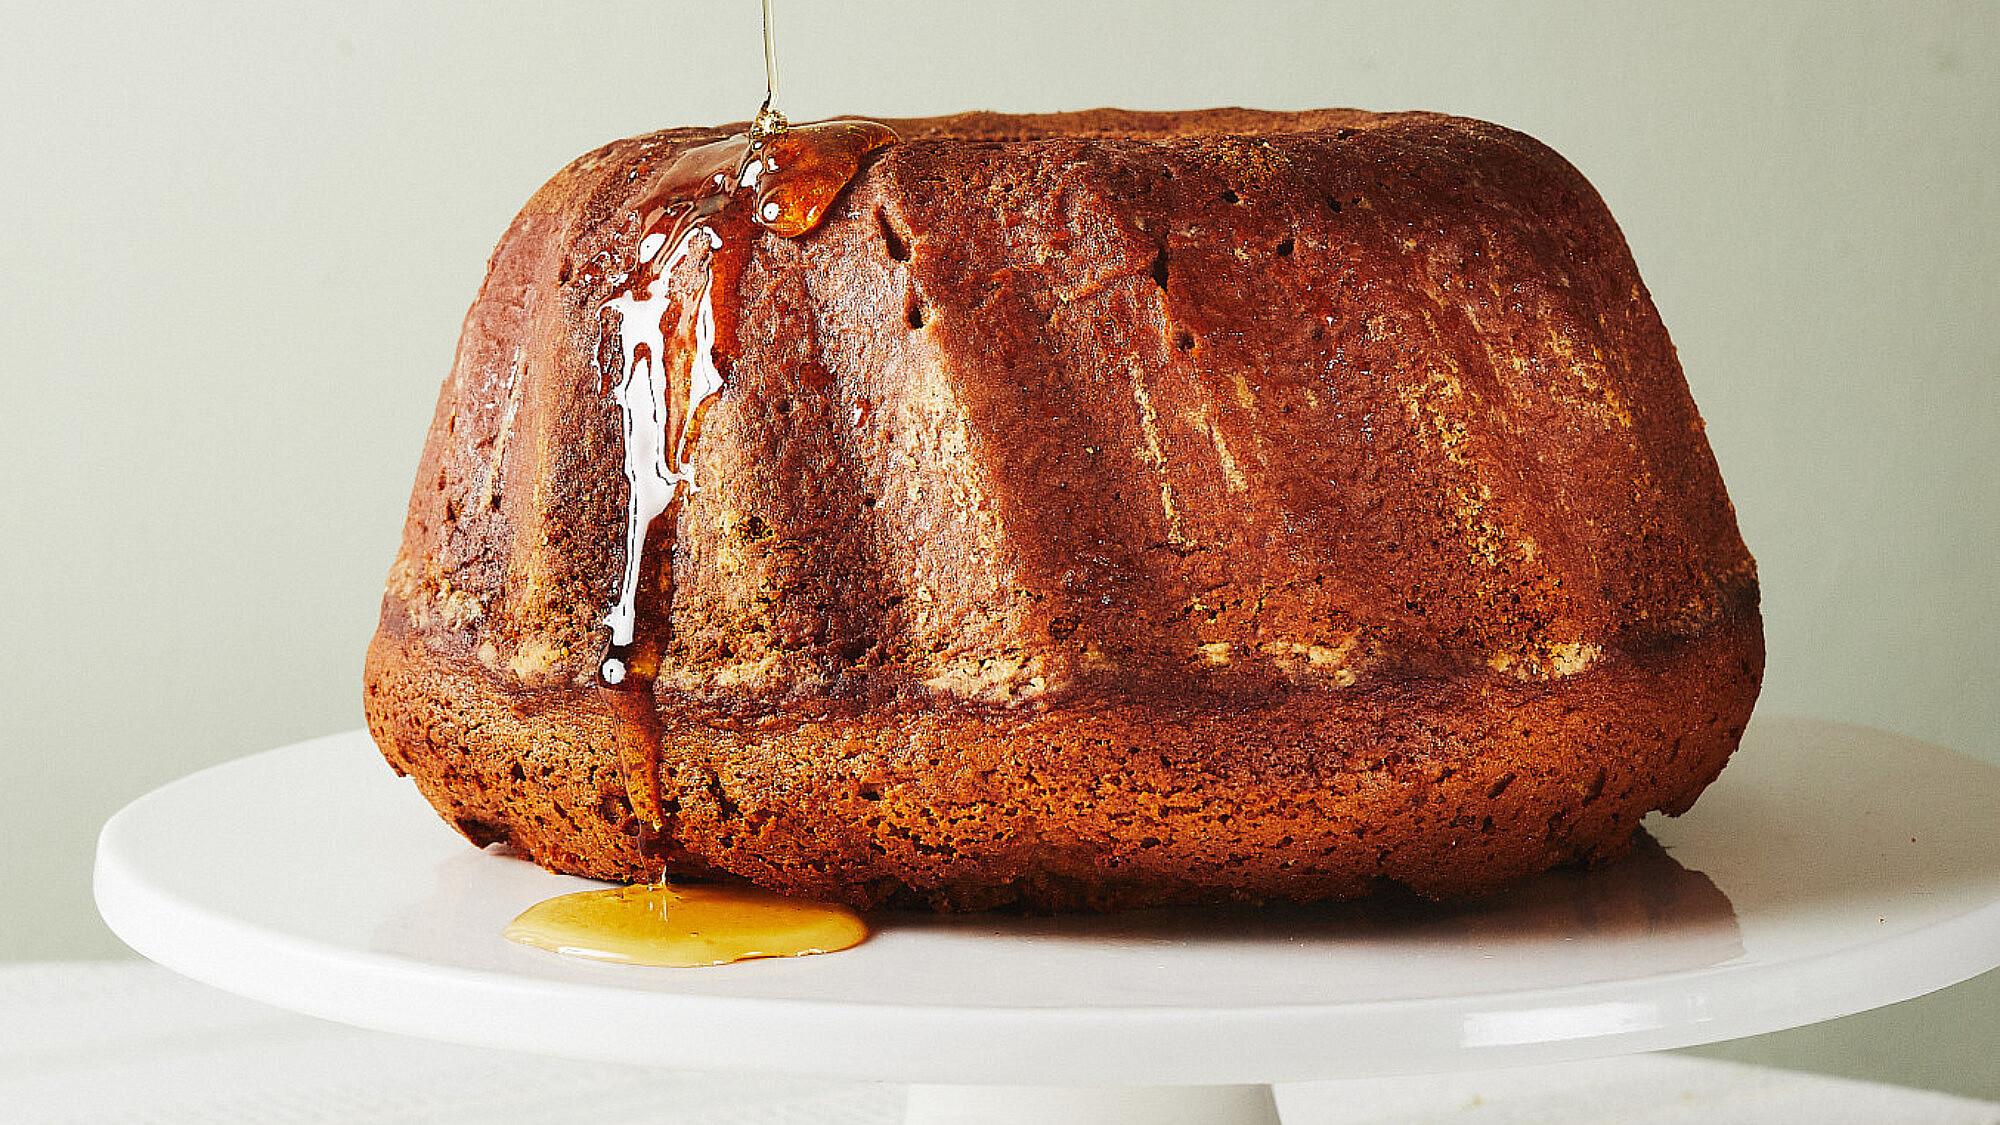 עוגת הדבש של יעל (מכוורת מכמנים). צילום: מתן כץ